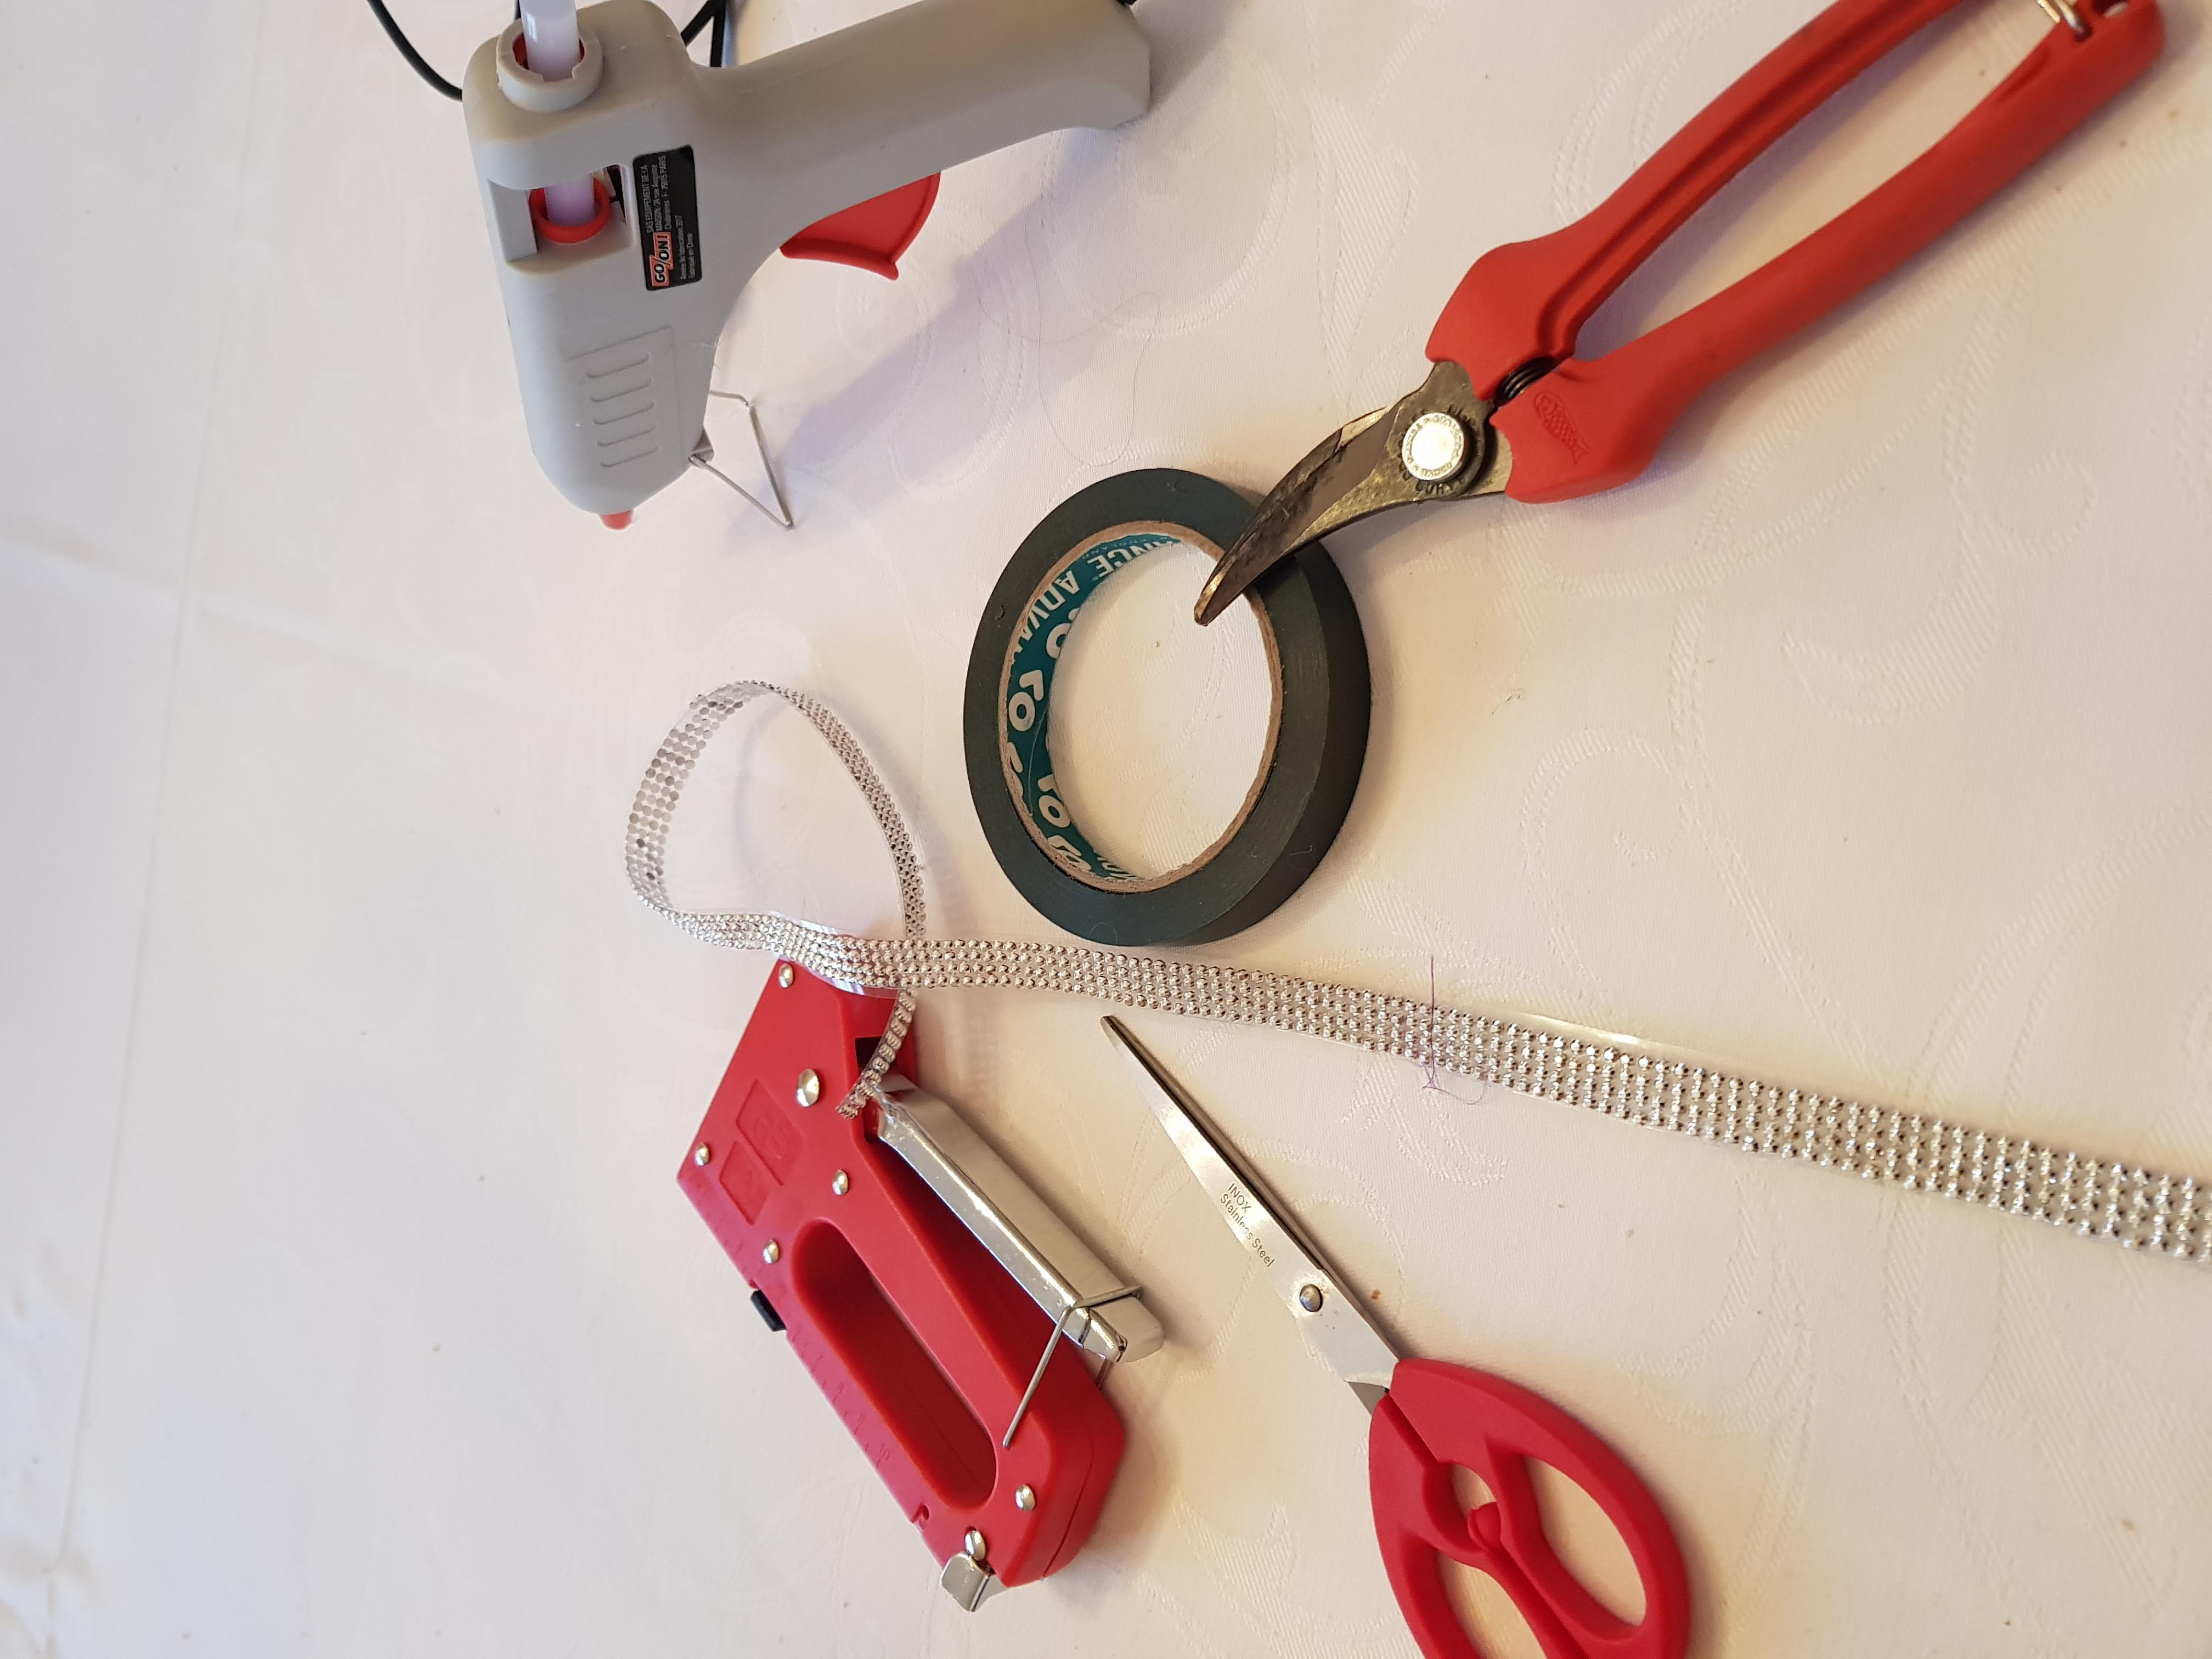 Les outils....